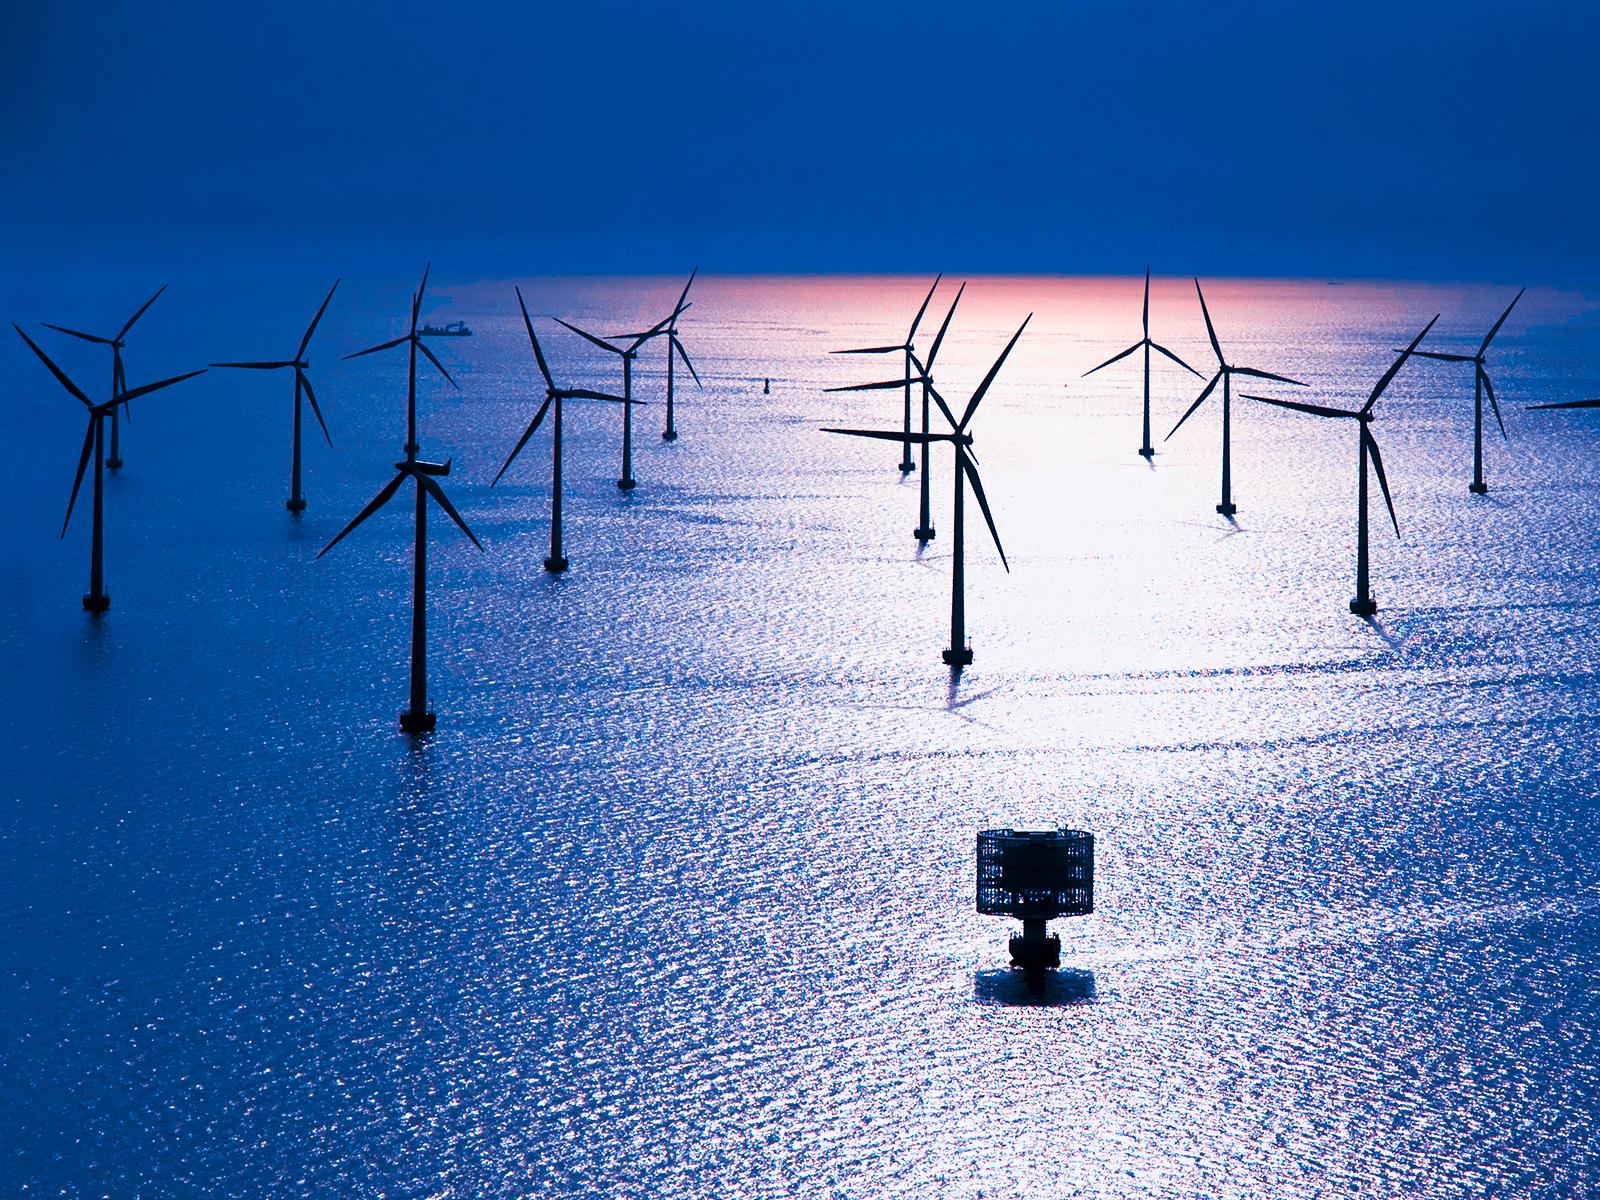 Energías renovables: Los aerogeneradores de la eólica marina frenan los huracanes